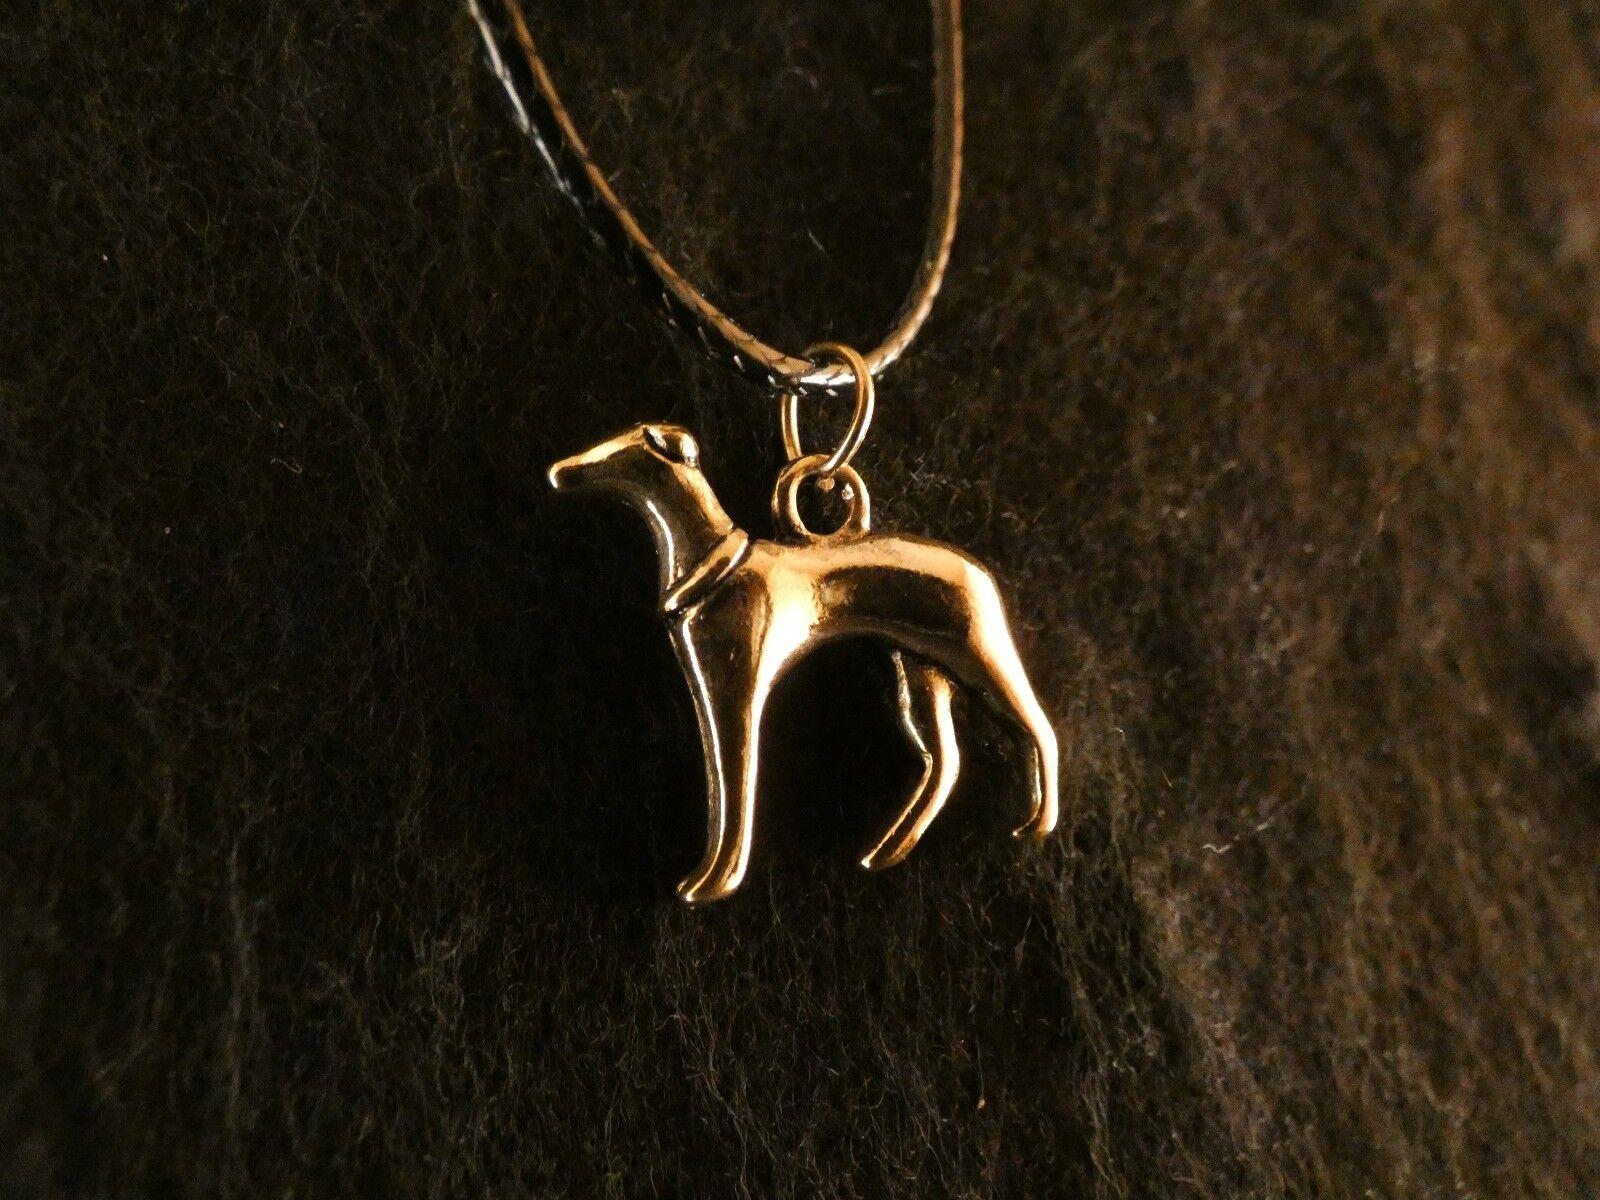 Anhänger mit Kette 24 Karat Vergoldet Windhund Hund Dog Charms